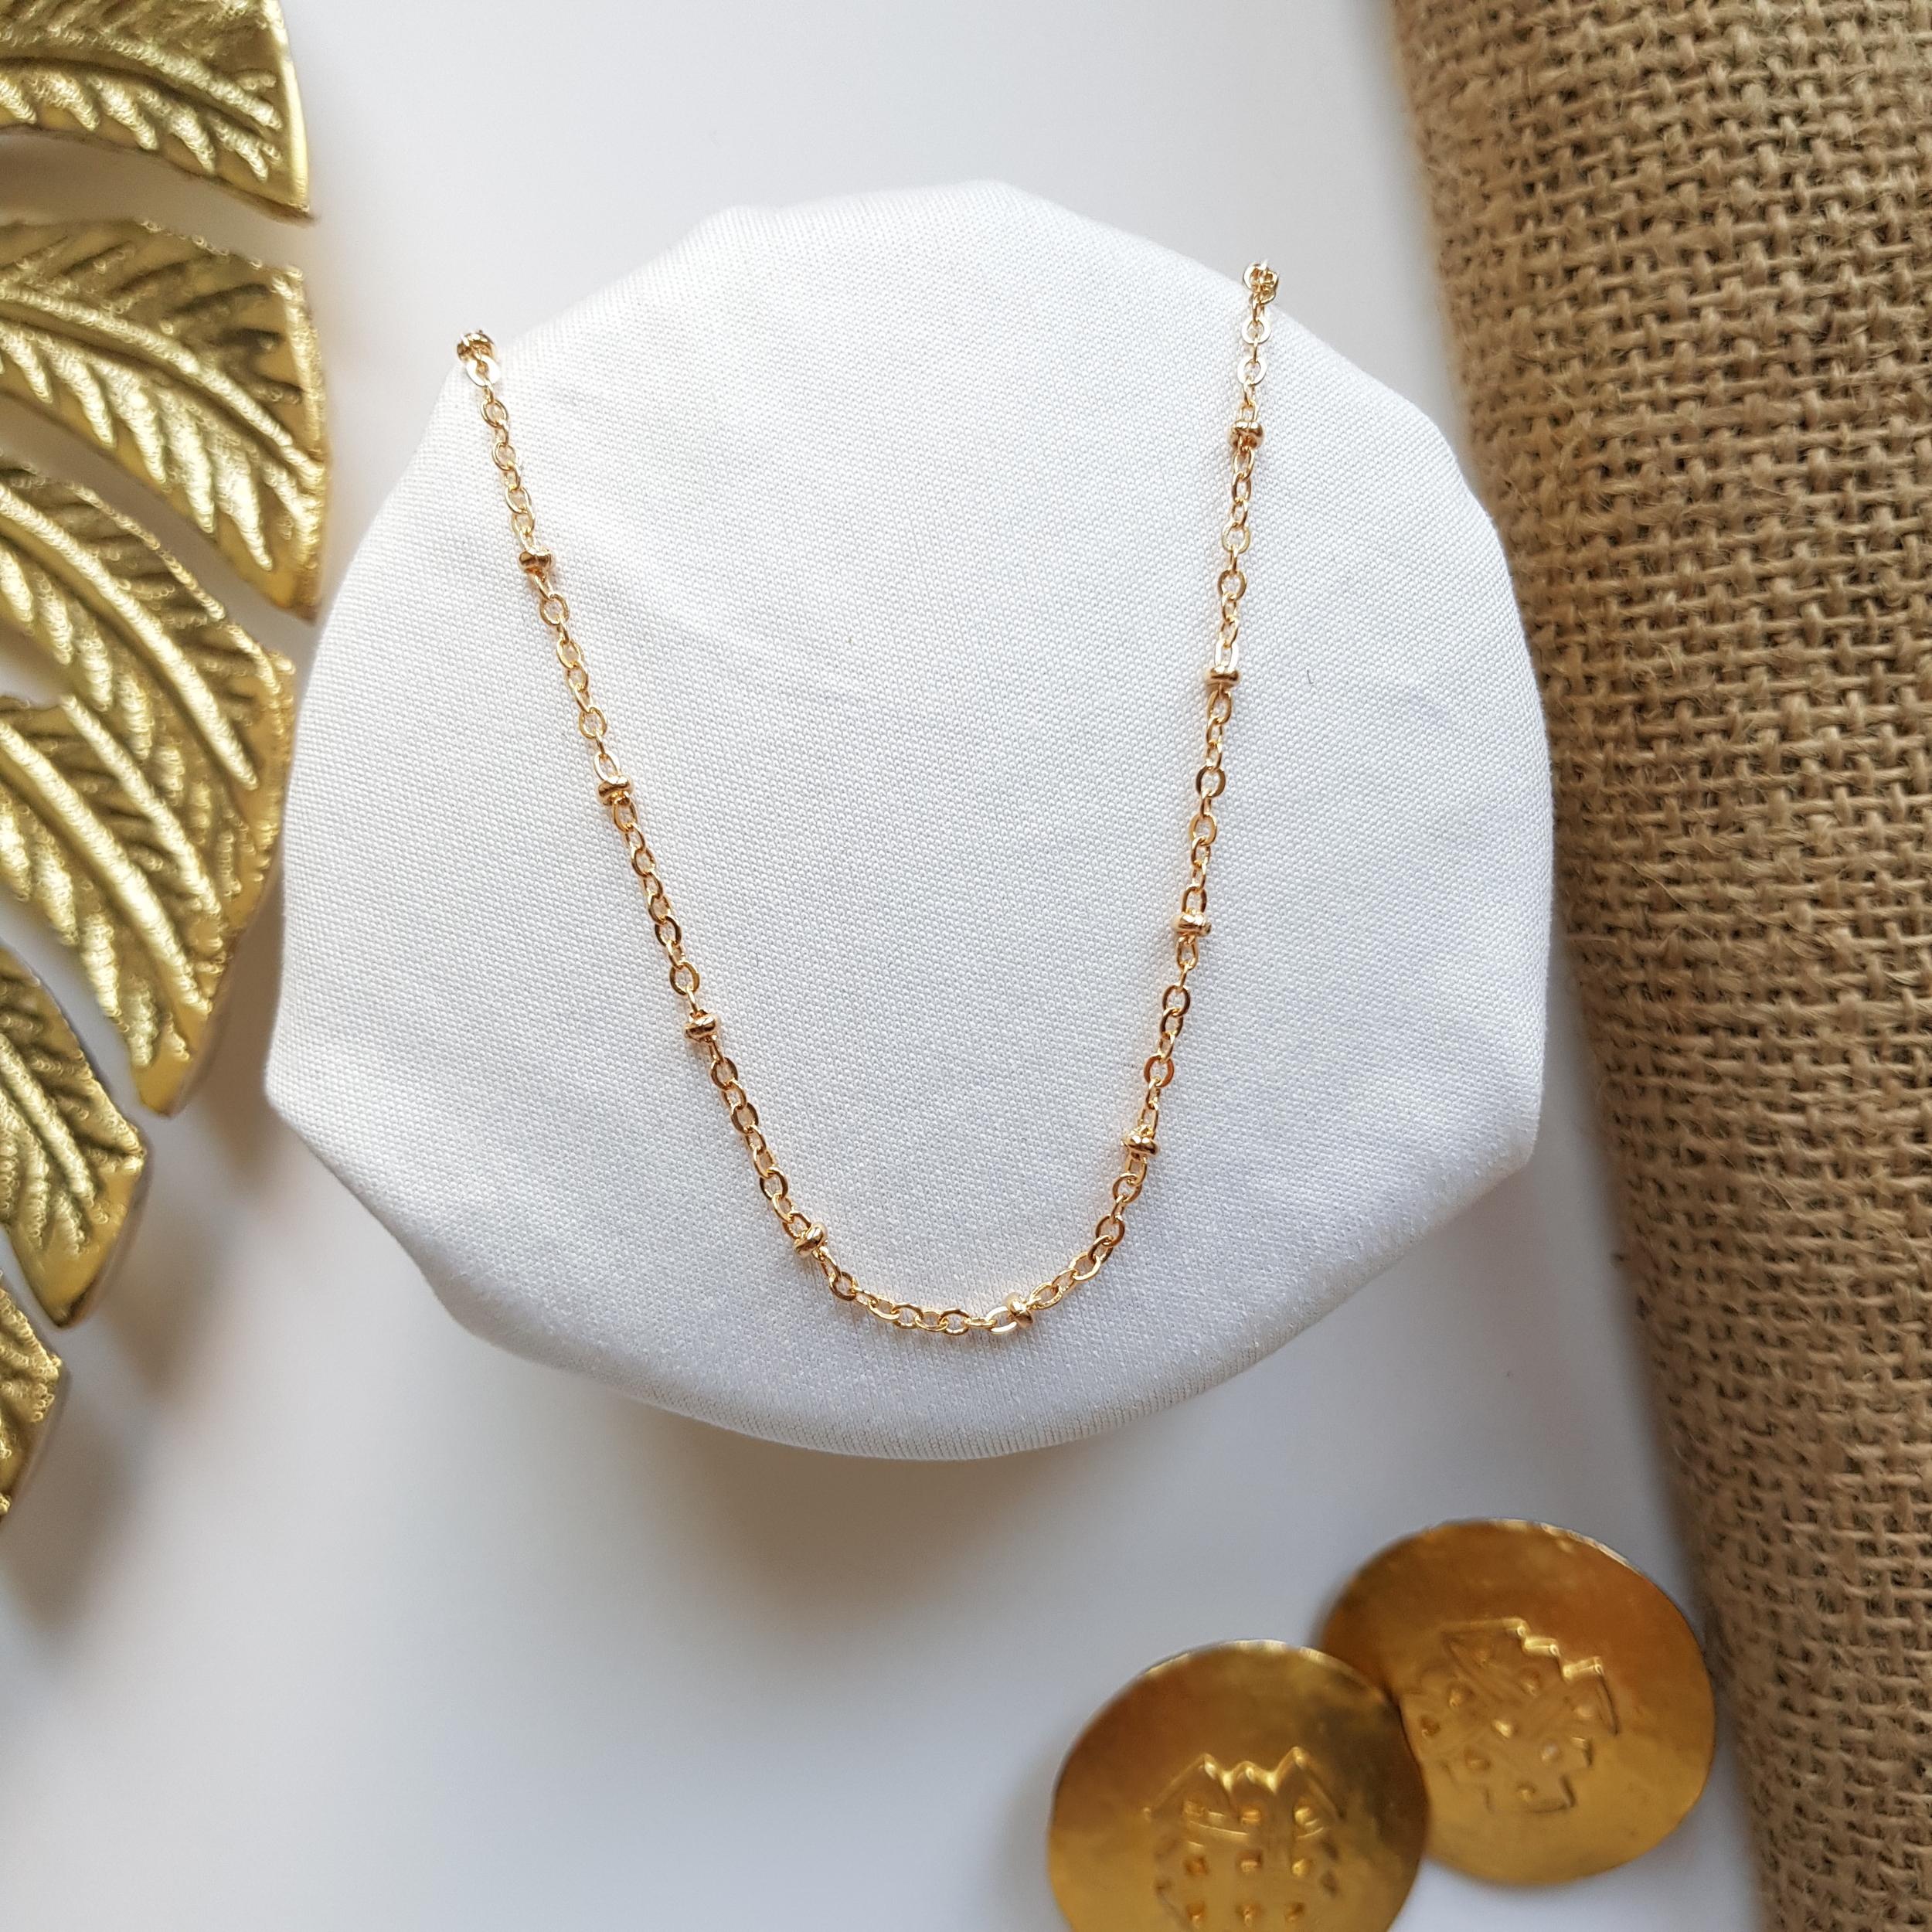 Bracelet de cheville - Small Pearls